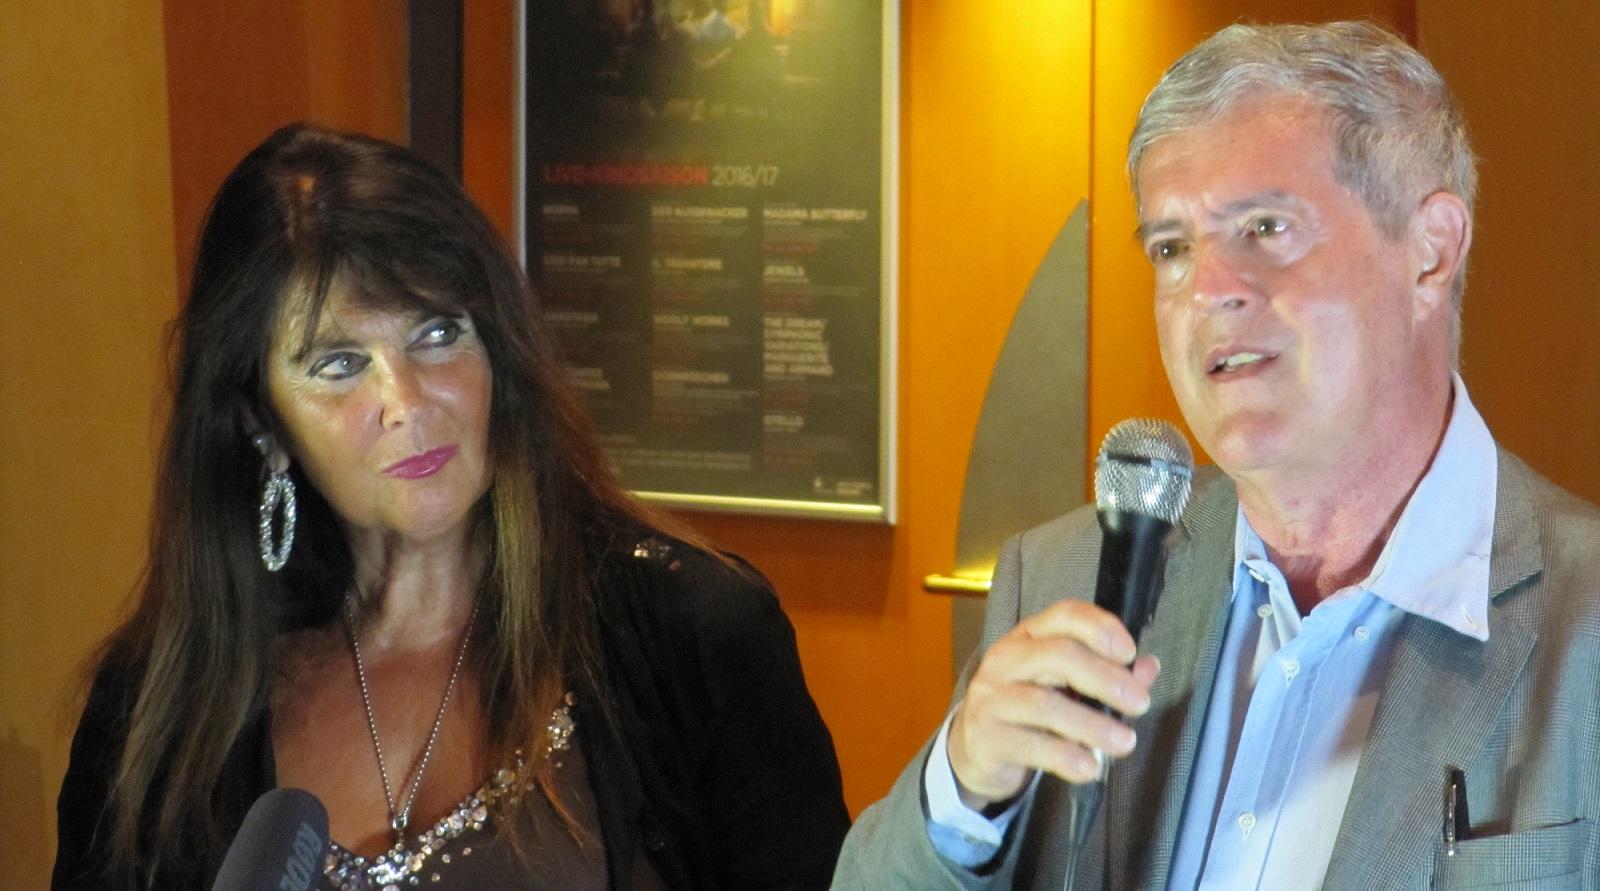 """Schauspielerin Caroline Munro und Regisseur Liugi Cozzi beim Q&A vor dem Screening von """"Star Crash"""". © wirsindmovies.com"""